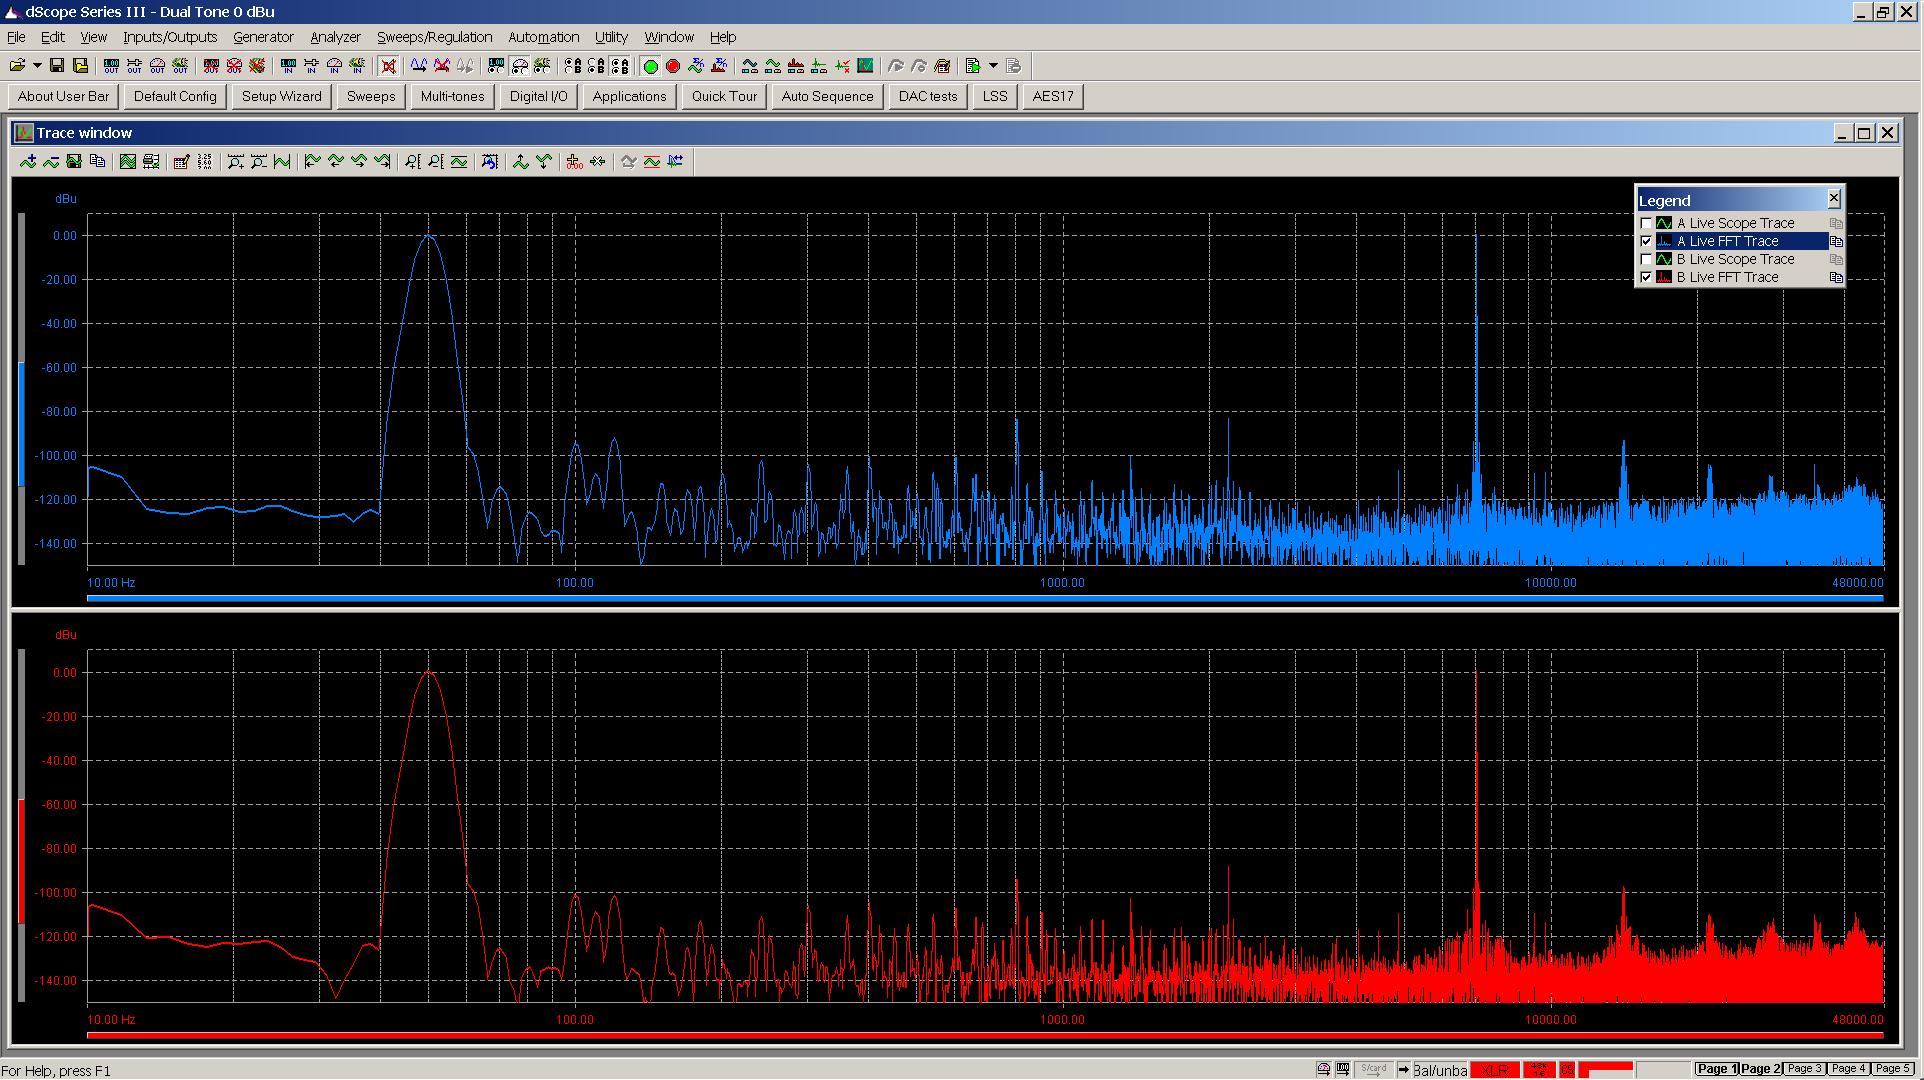 20170725 Ares SE 50+7000Hz 0 dBu dual tone - w Eitr DDC.png